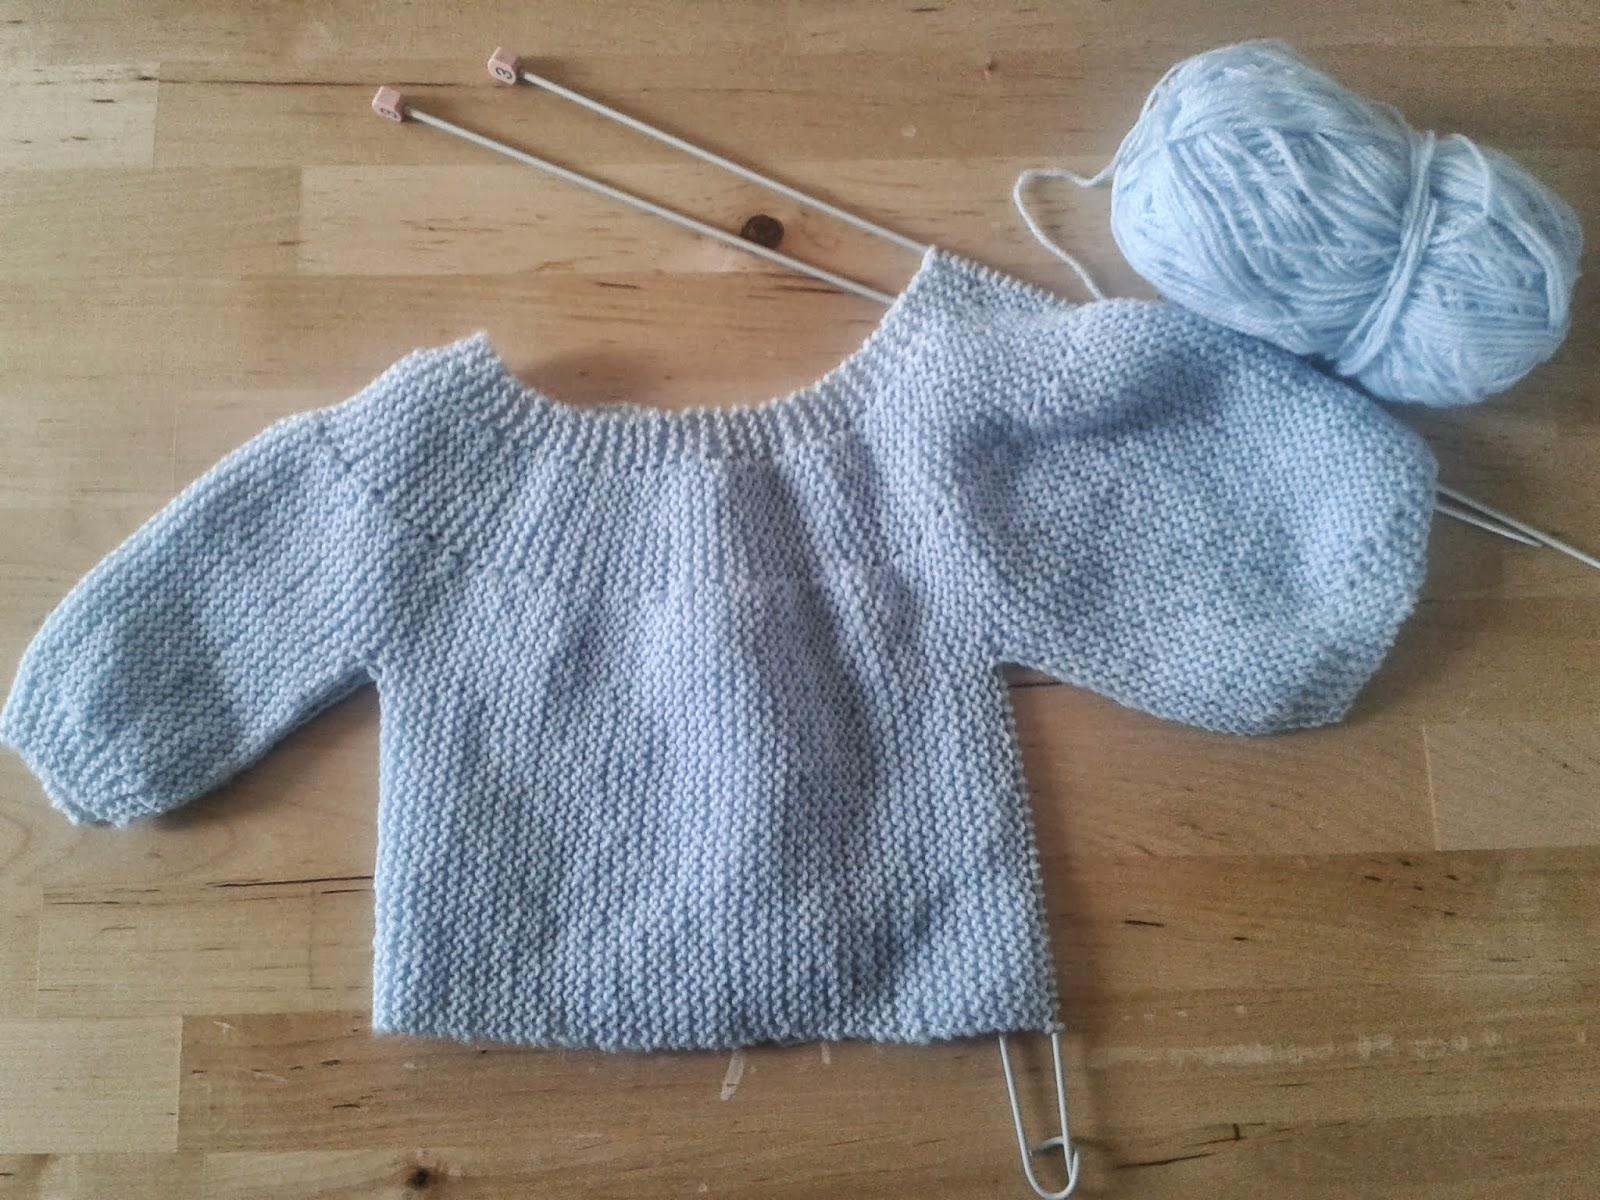 Lamirose une brassi re b b au tricot pas si facile - Faire une boutonniere au tricot ...